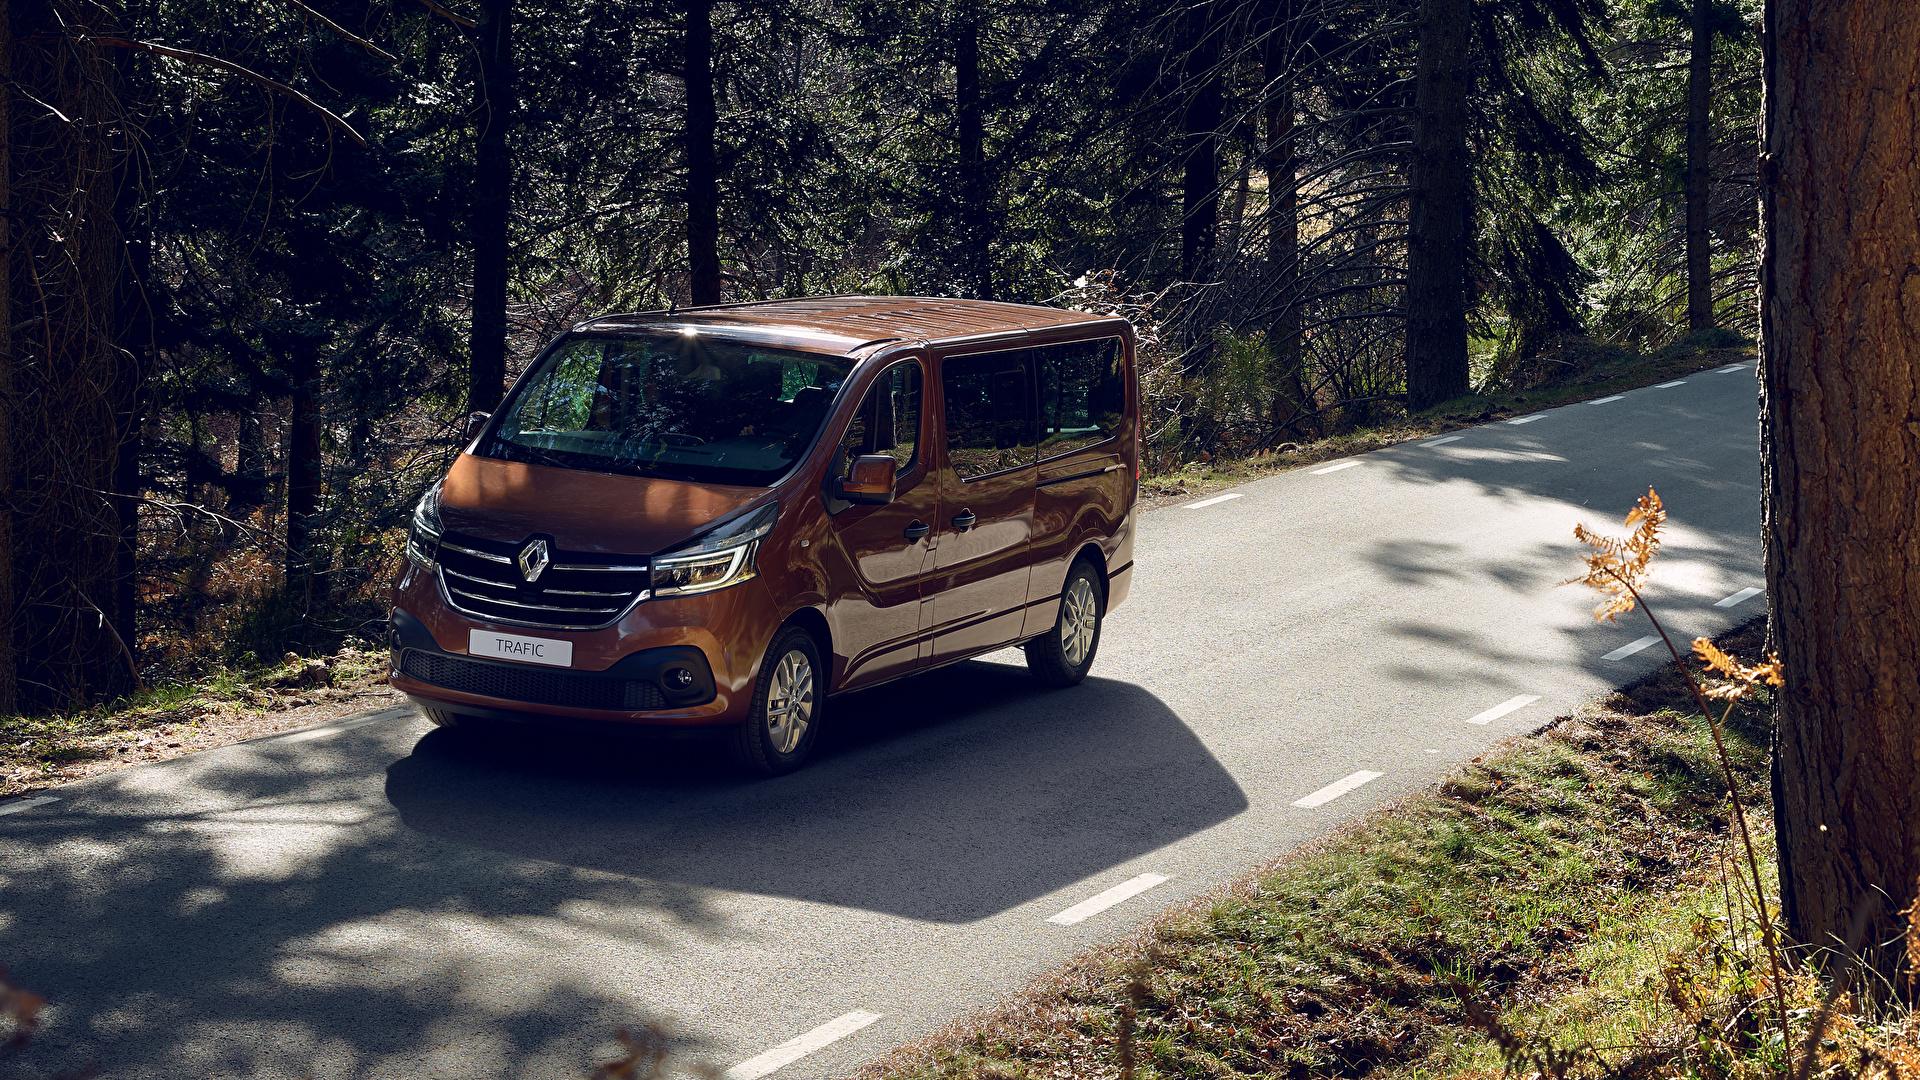 Обои для рабочего стола Рено 2019 Trafic Minibus LWB Worldwide Коричневый машины Металлик 1920x1080 Renault коричневая коричневые авто машина автомобиль Автомобили